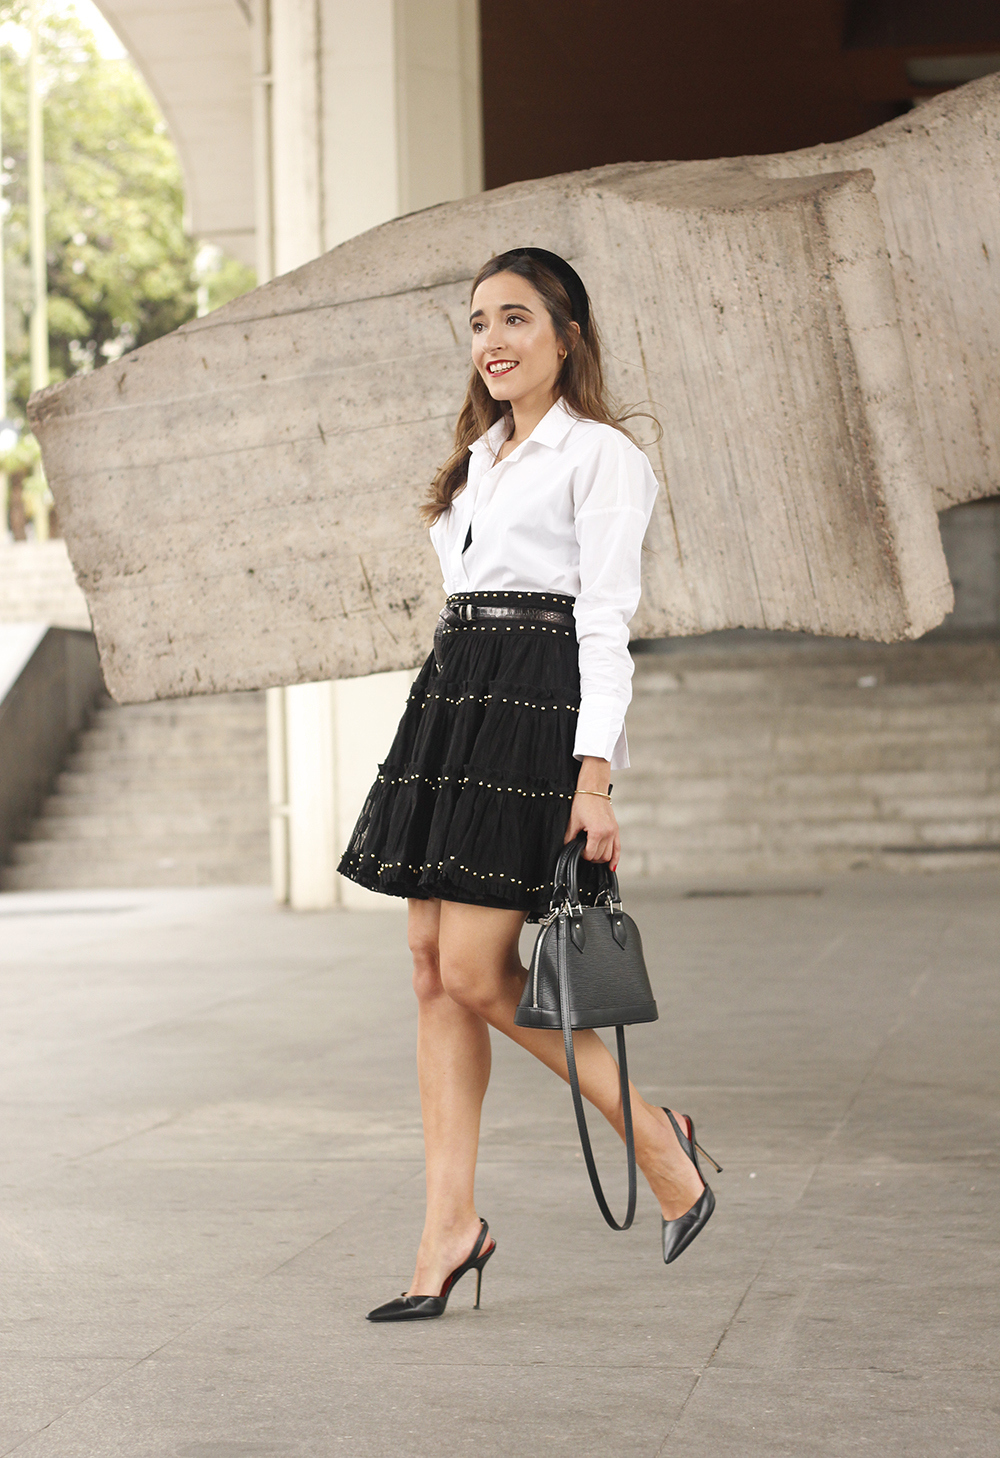 bandeau très preppy falda negra louis vuitton sac style rue outfit8